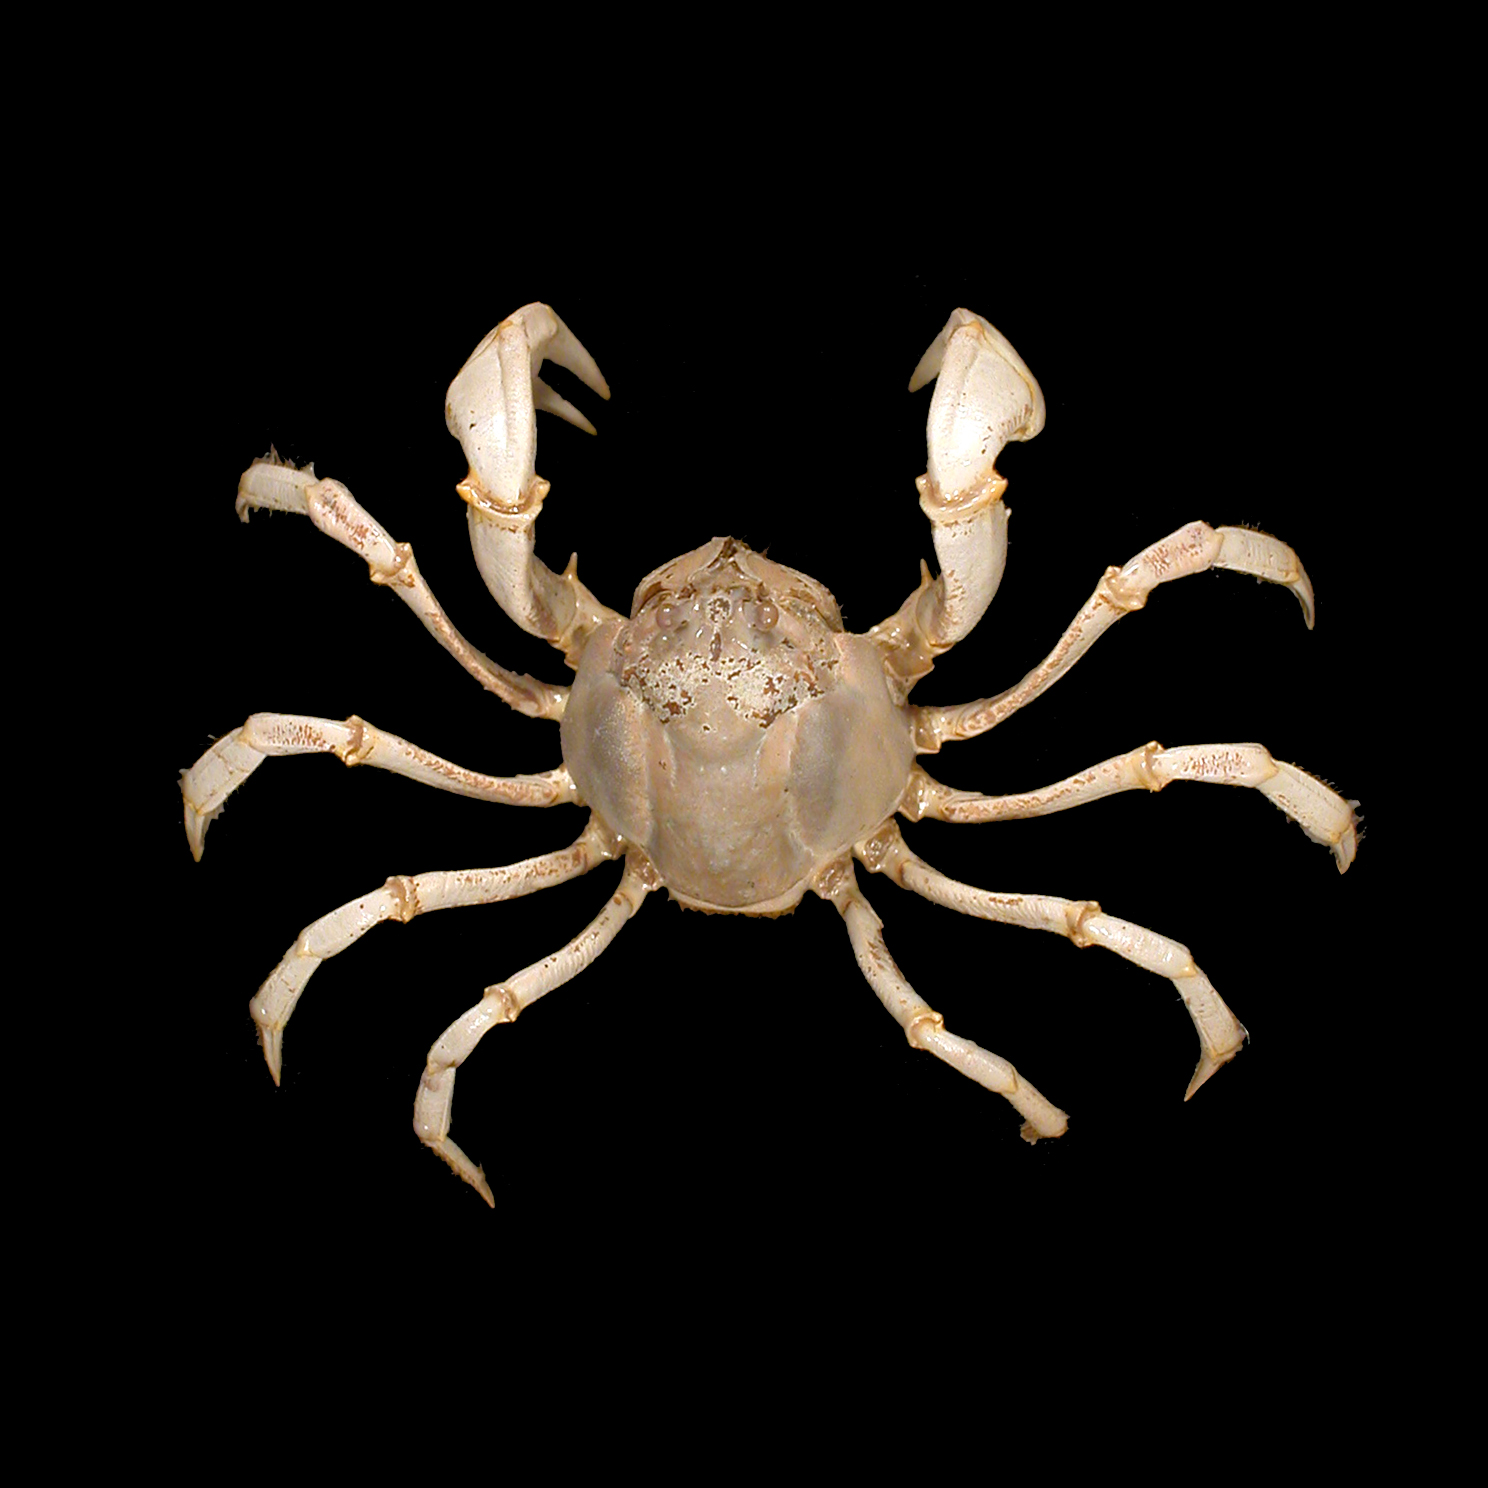 Mictyridae